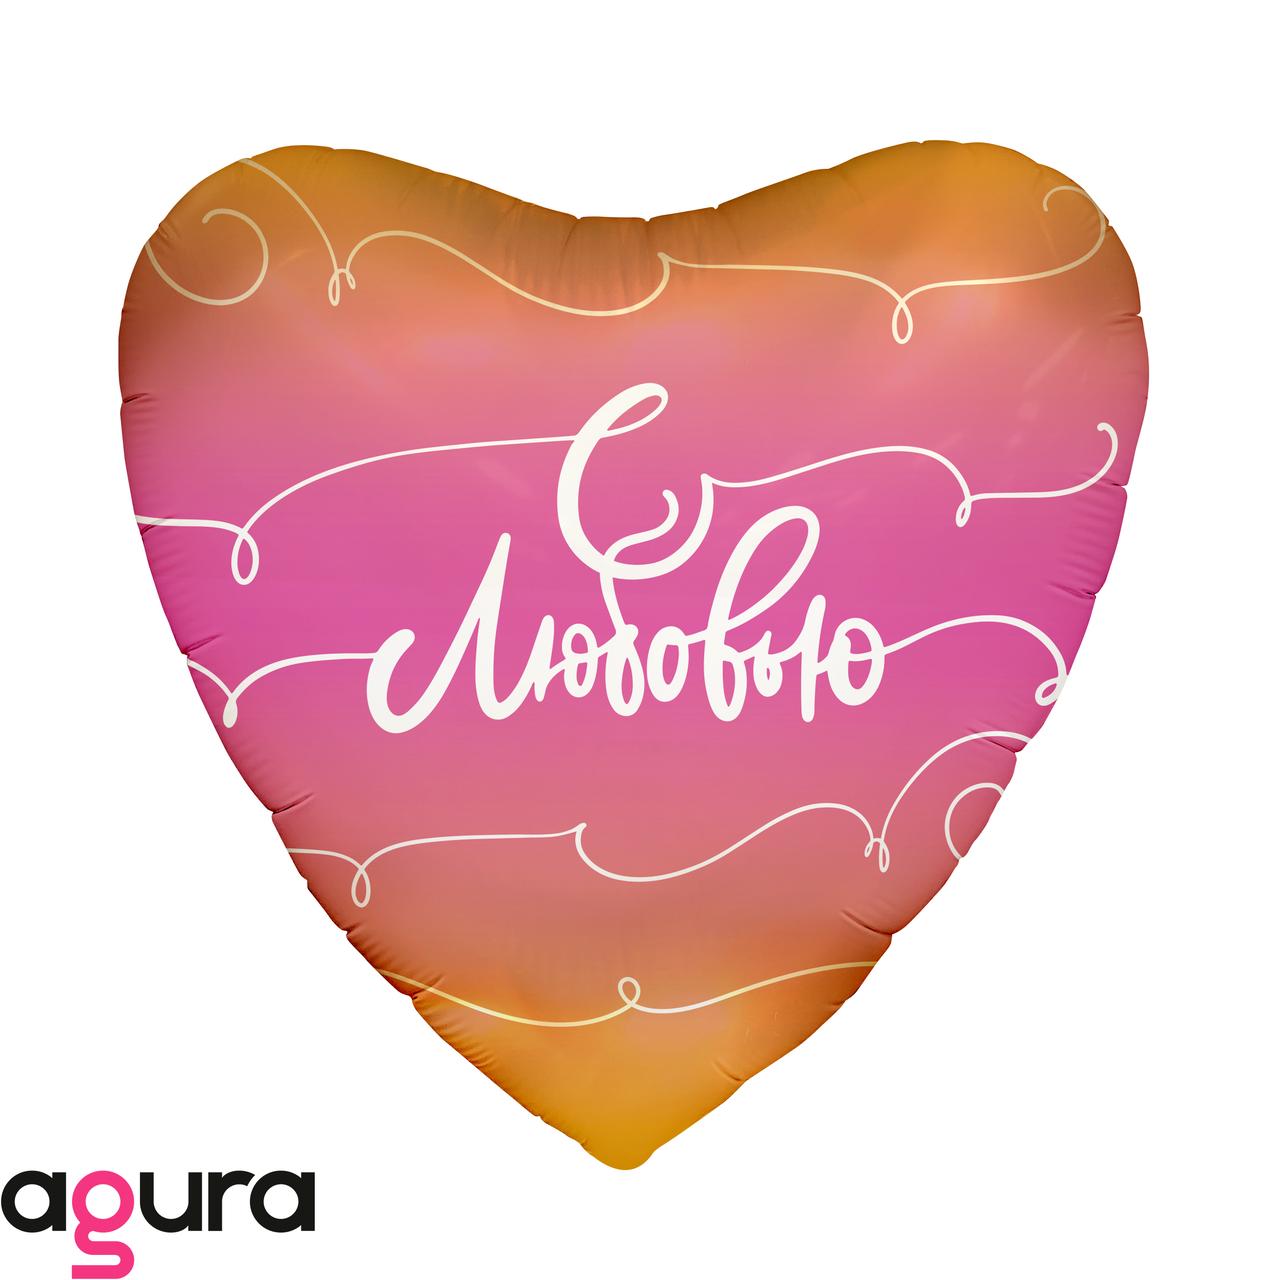 Фольгированный шар 19' Agura (Агура) С любовью, 49 см